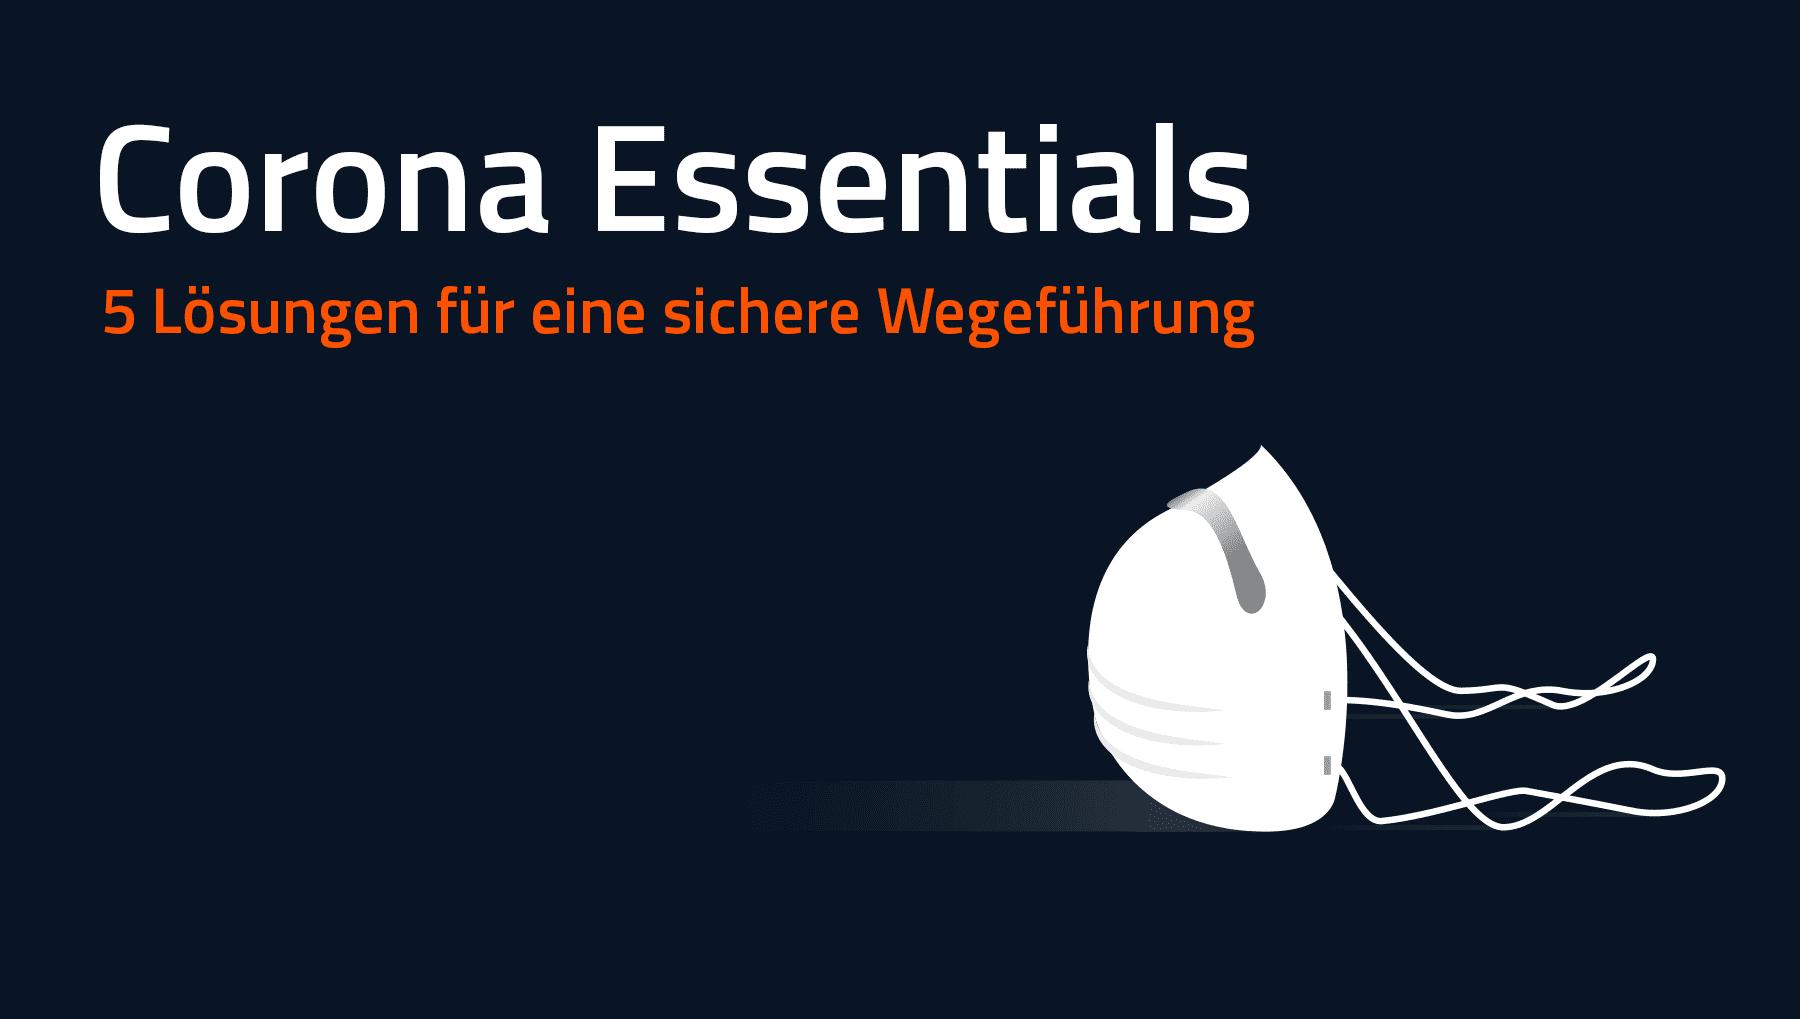 Corona Essentials – 5 Lösungen für eine sichere Wegeführung